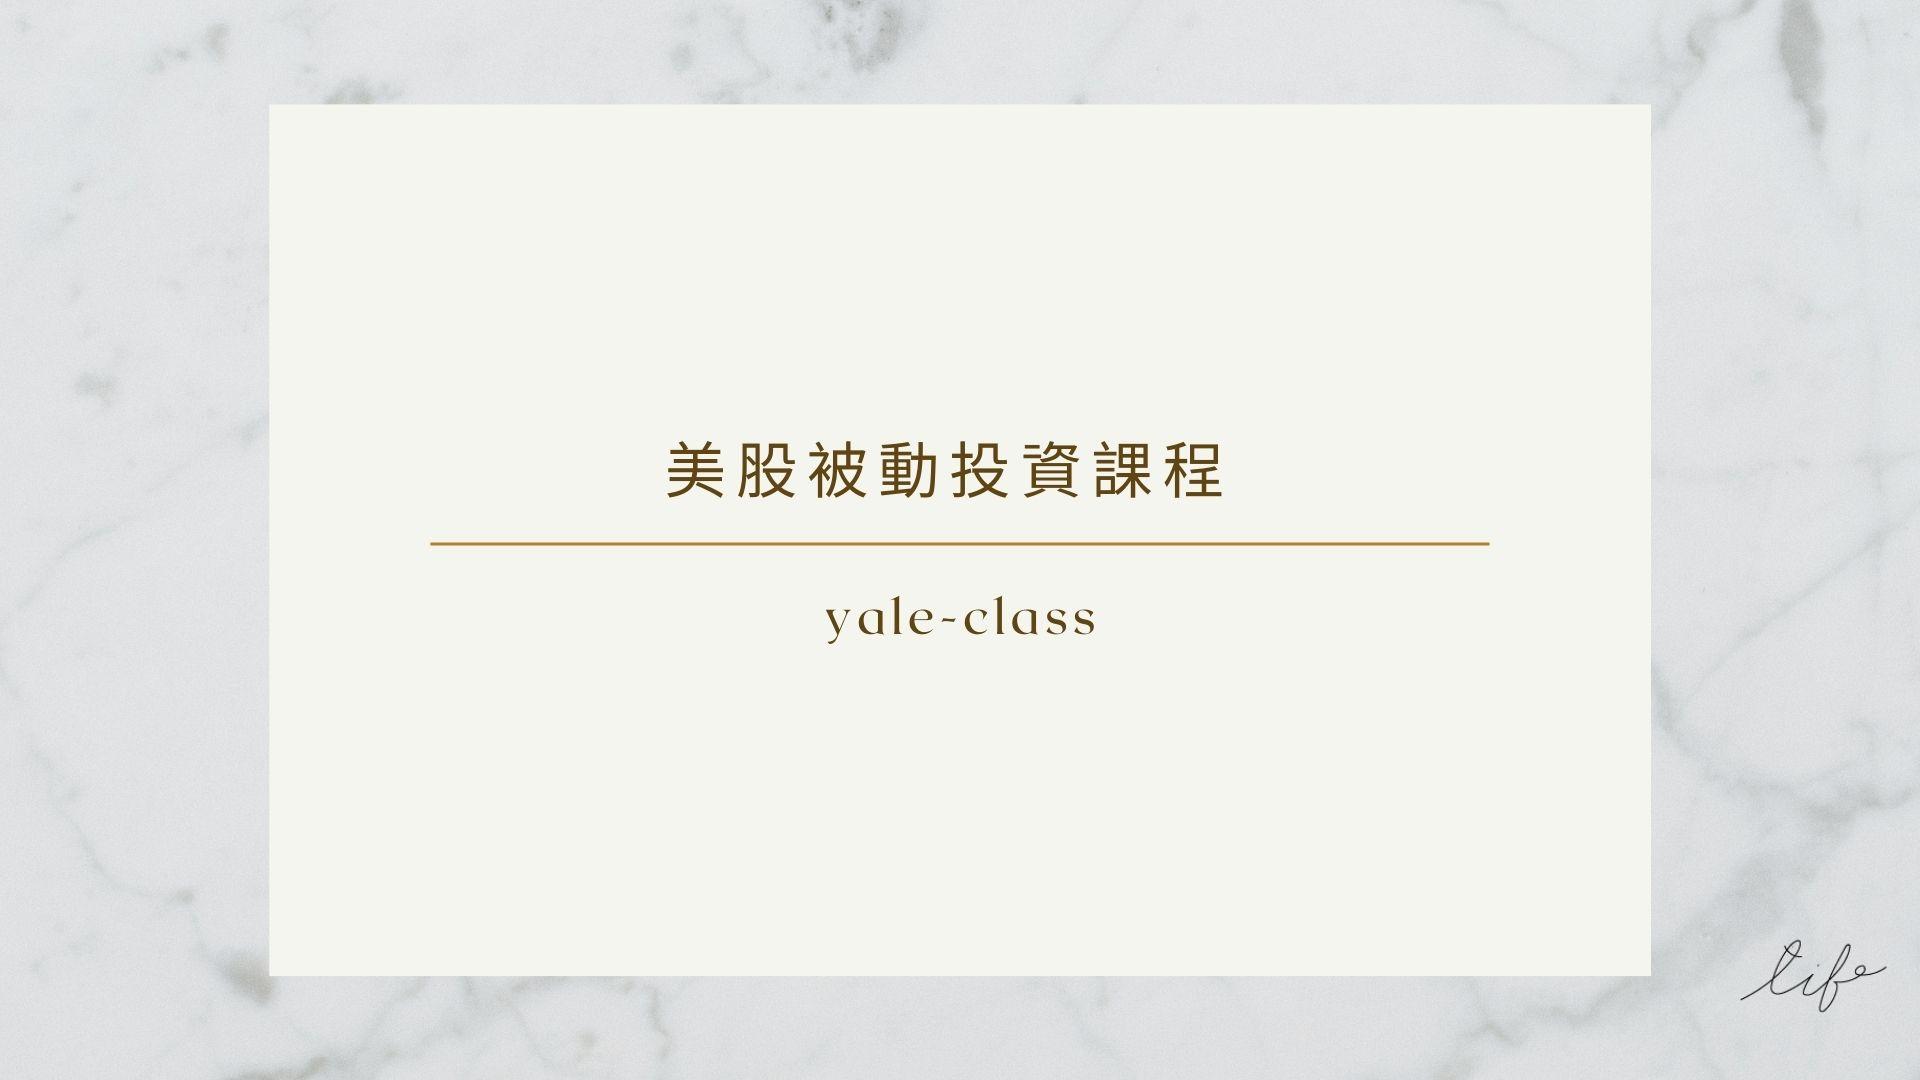 千萬不要主動投資,yale chen美股課程,給新手懶人投資的你